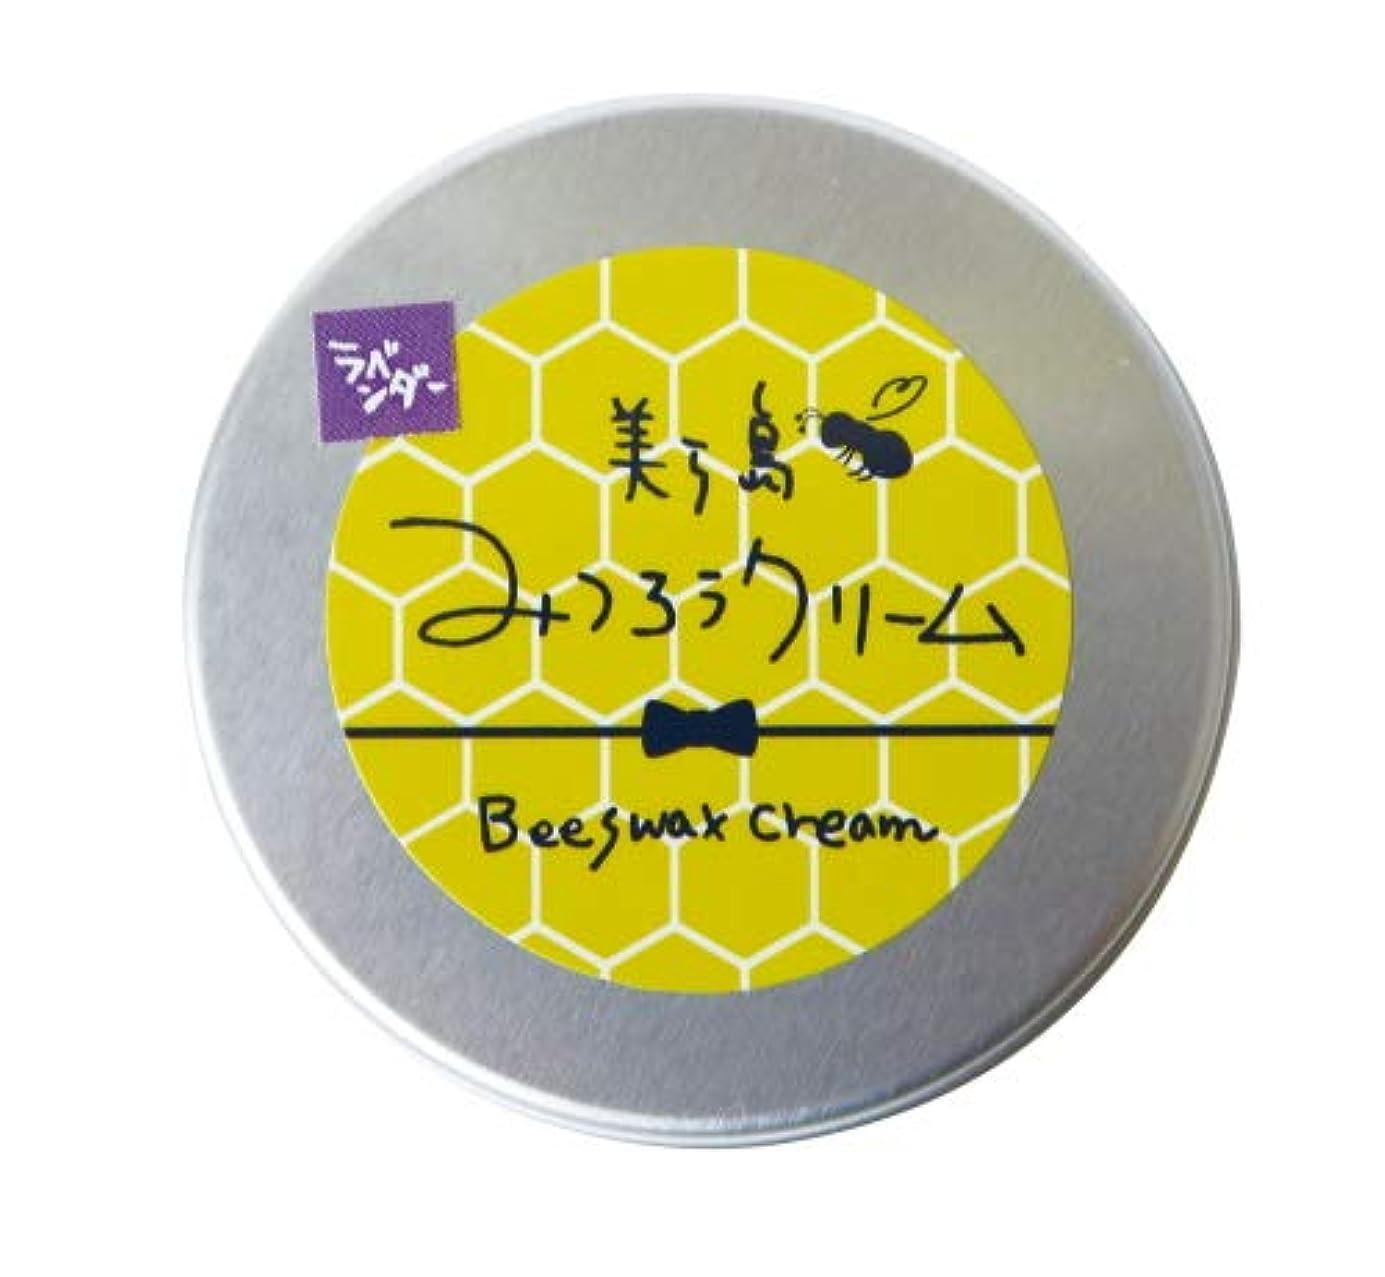 採用する落胆するわずらわしいSUGURI(スグリ) 美ら島のみつろうクリーム(月桃) リップクリーム 20g